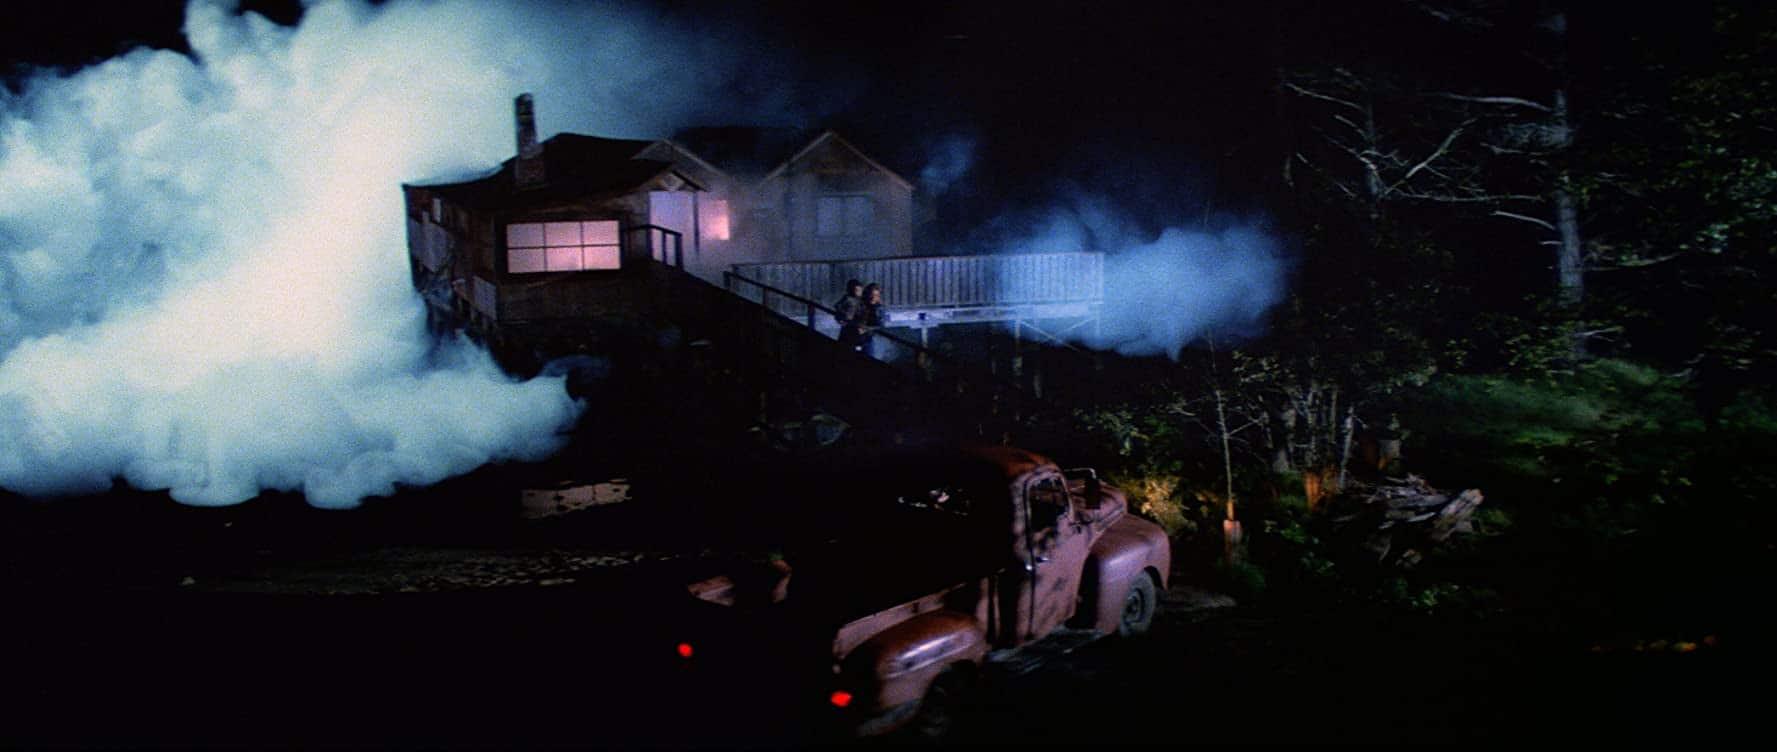 The fog creeps in in John Carpenter's The Fog